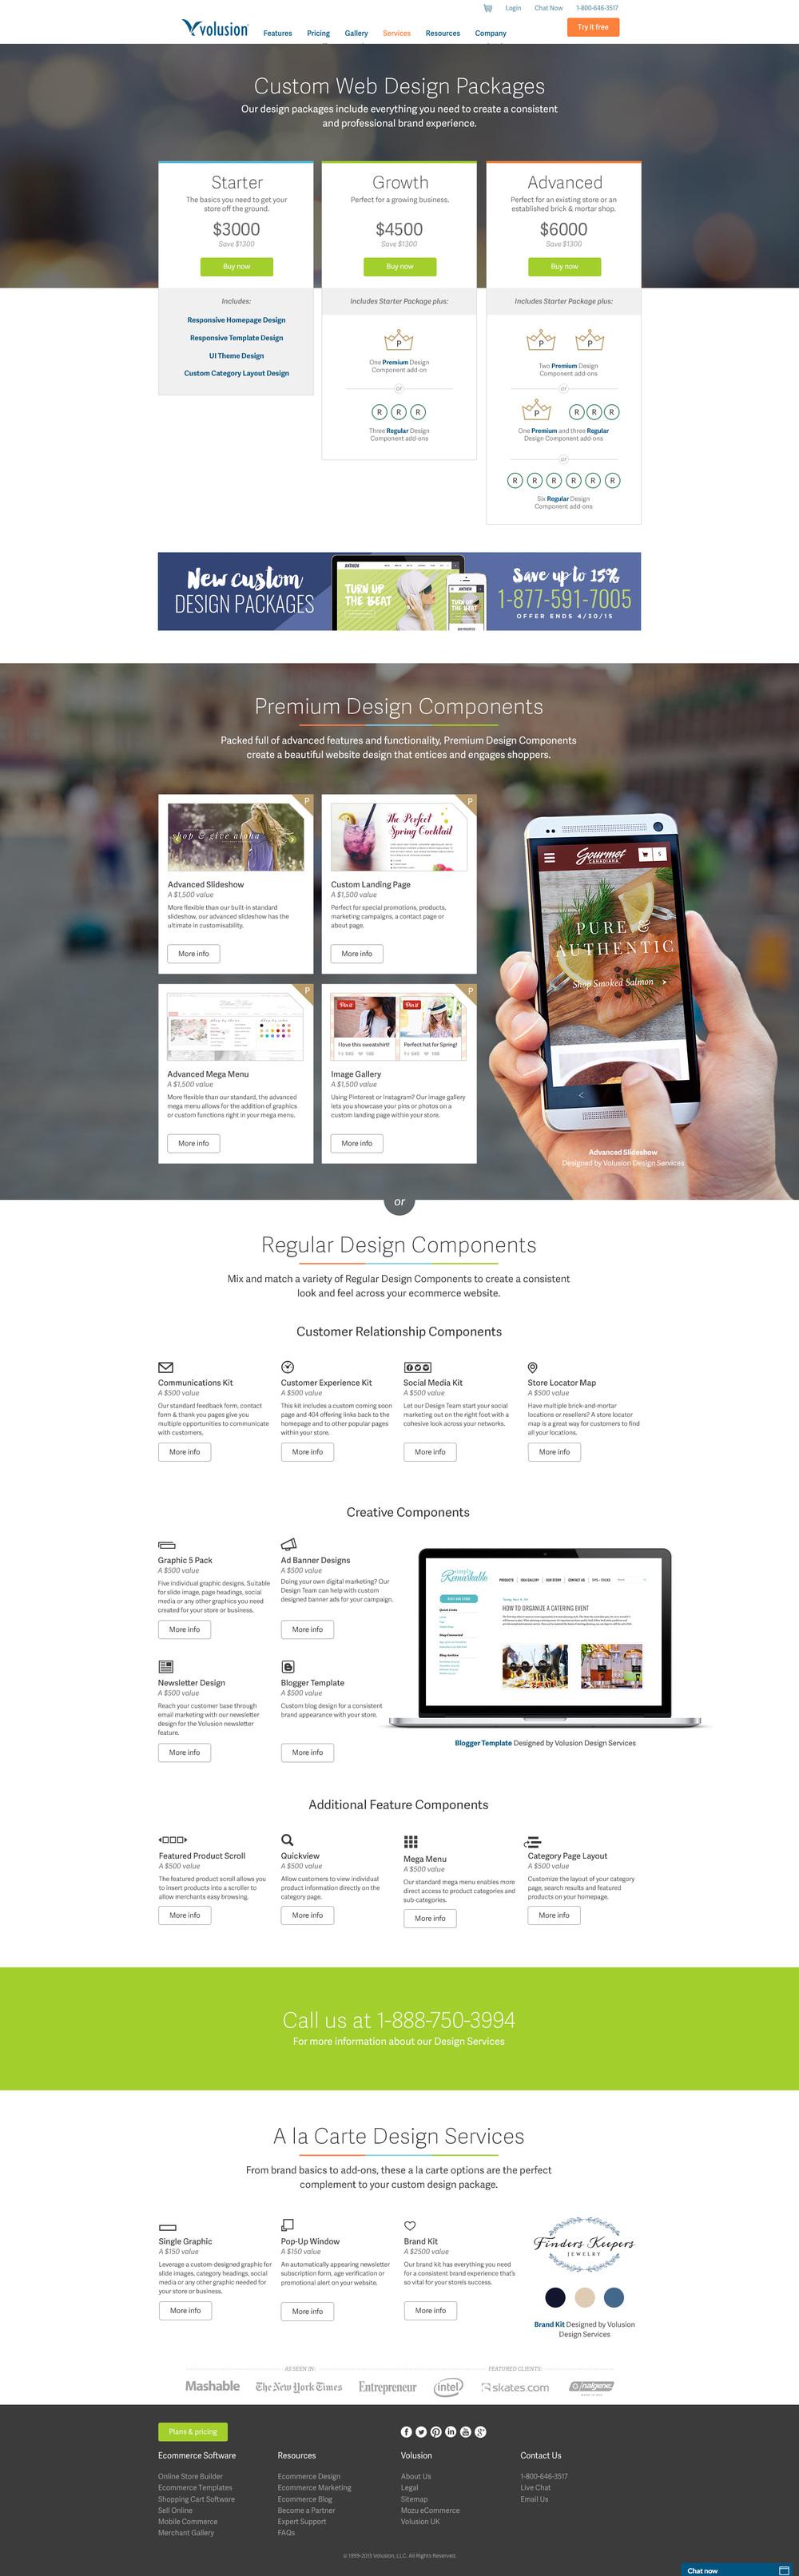 VOL_DesignPackages_04022015.jpg